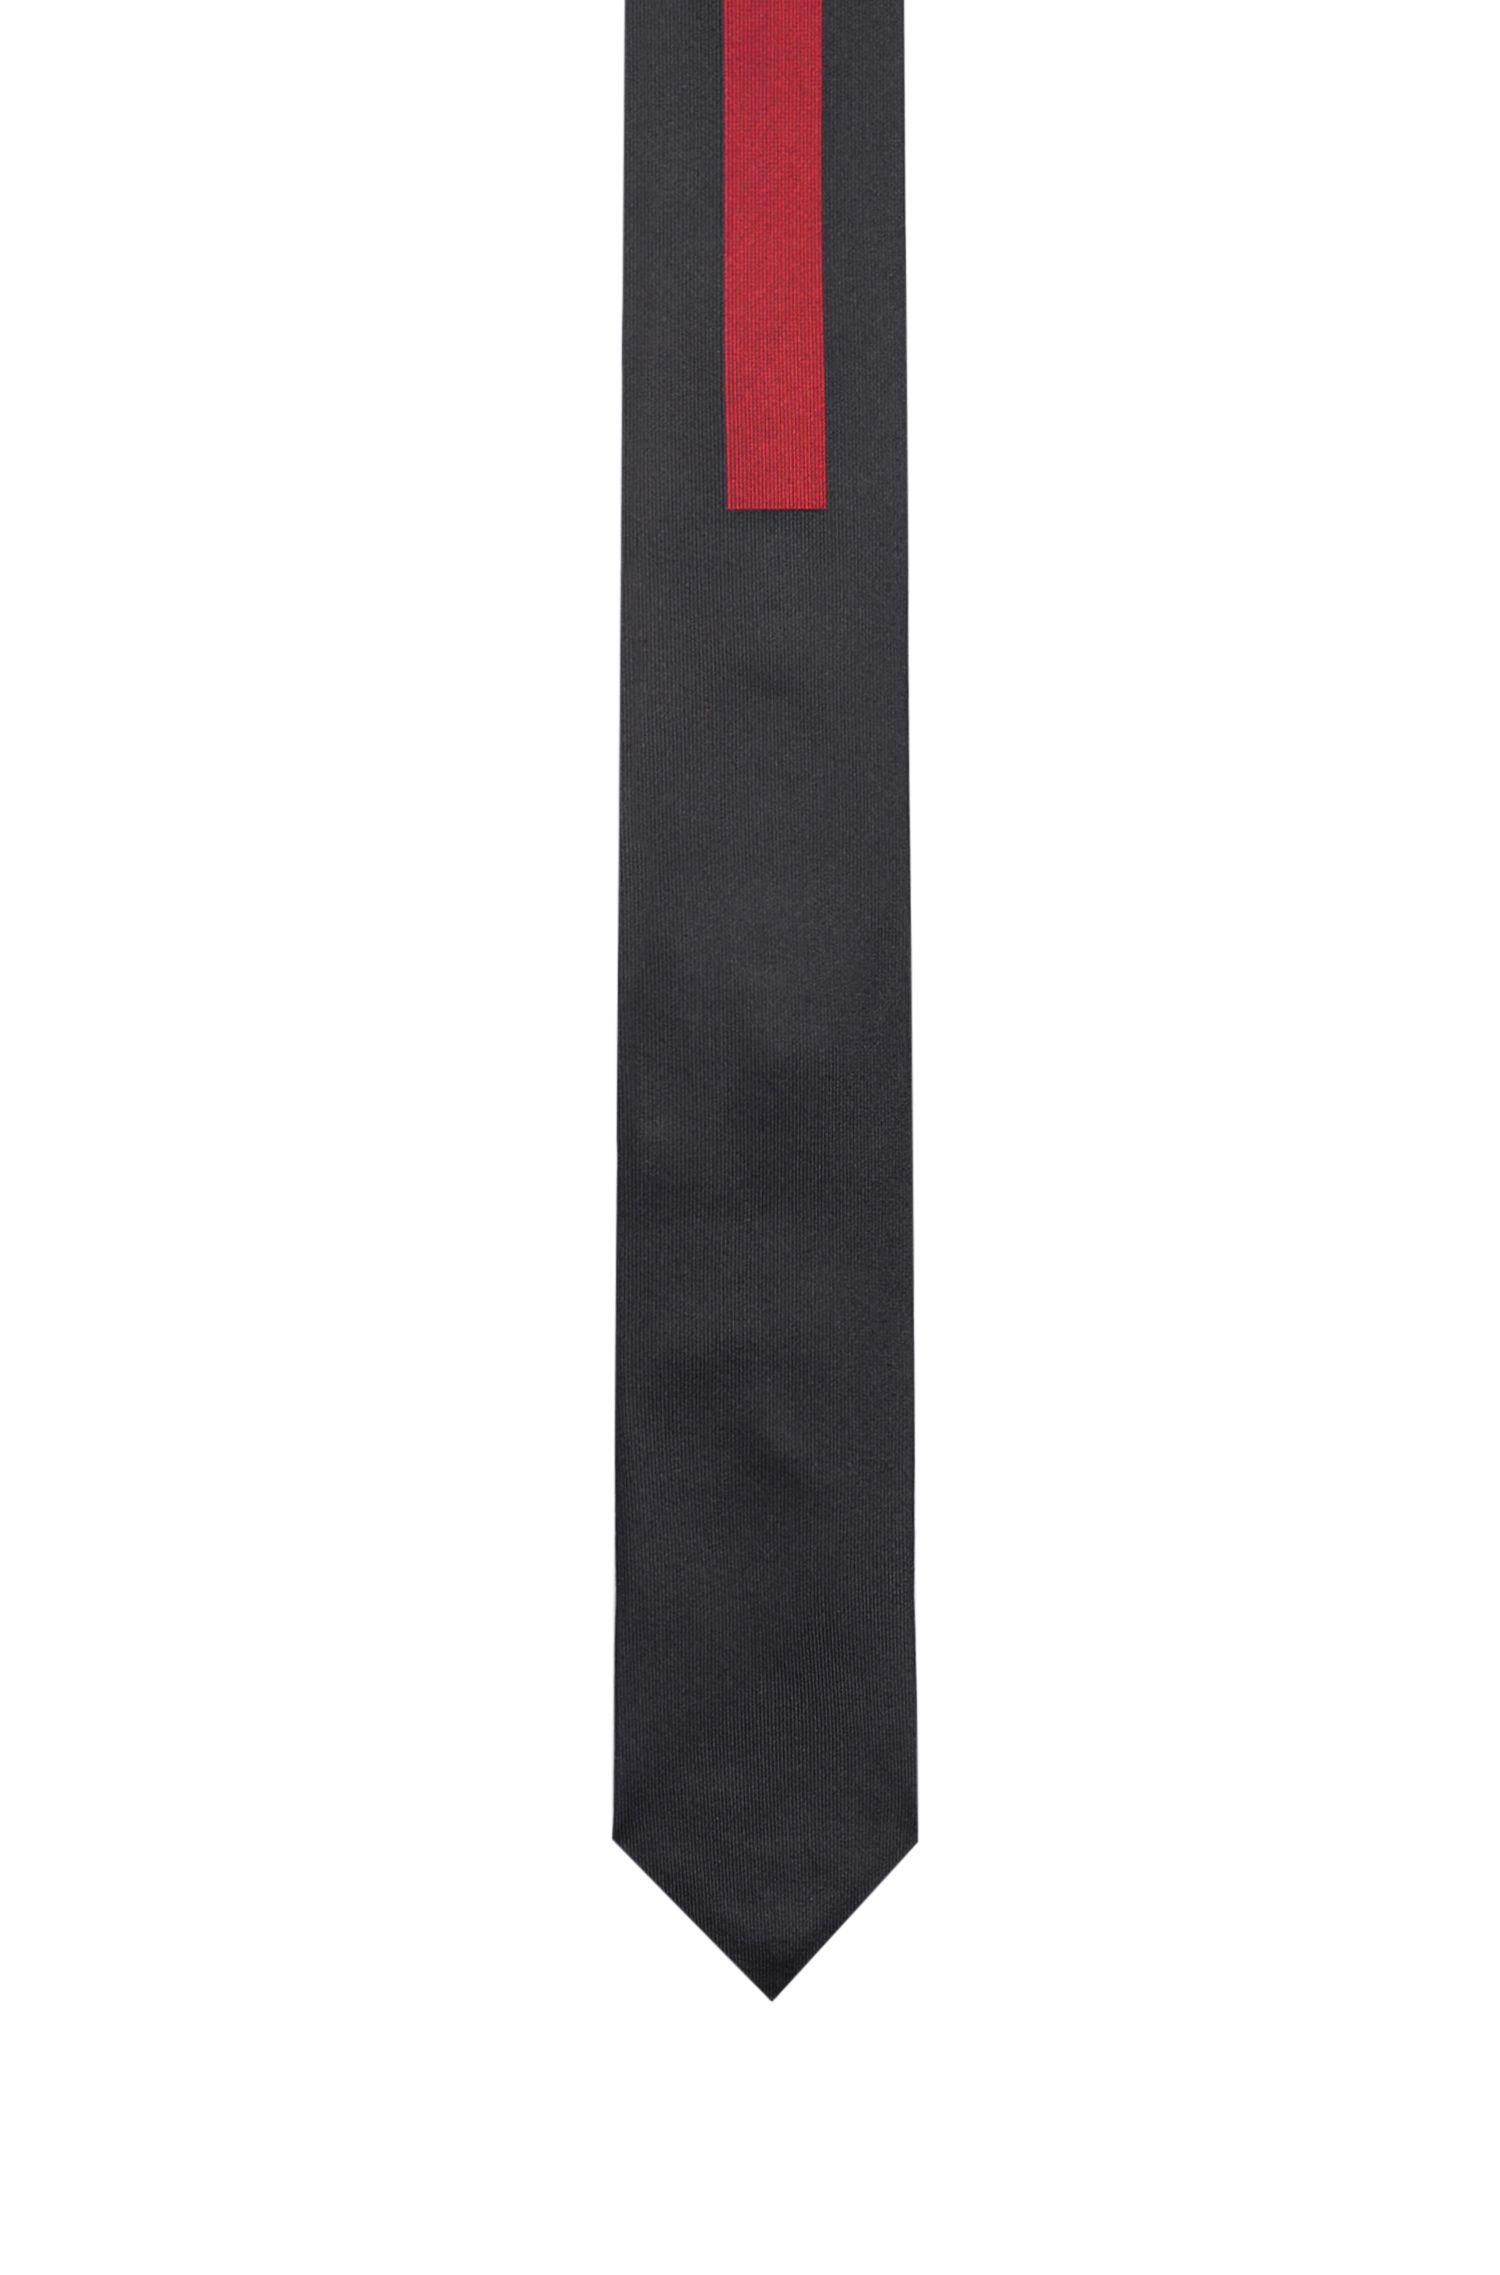 Cravatta a blocchi di colore in seta jacquard, Rosso